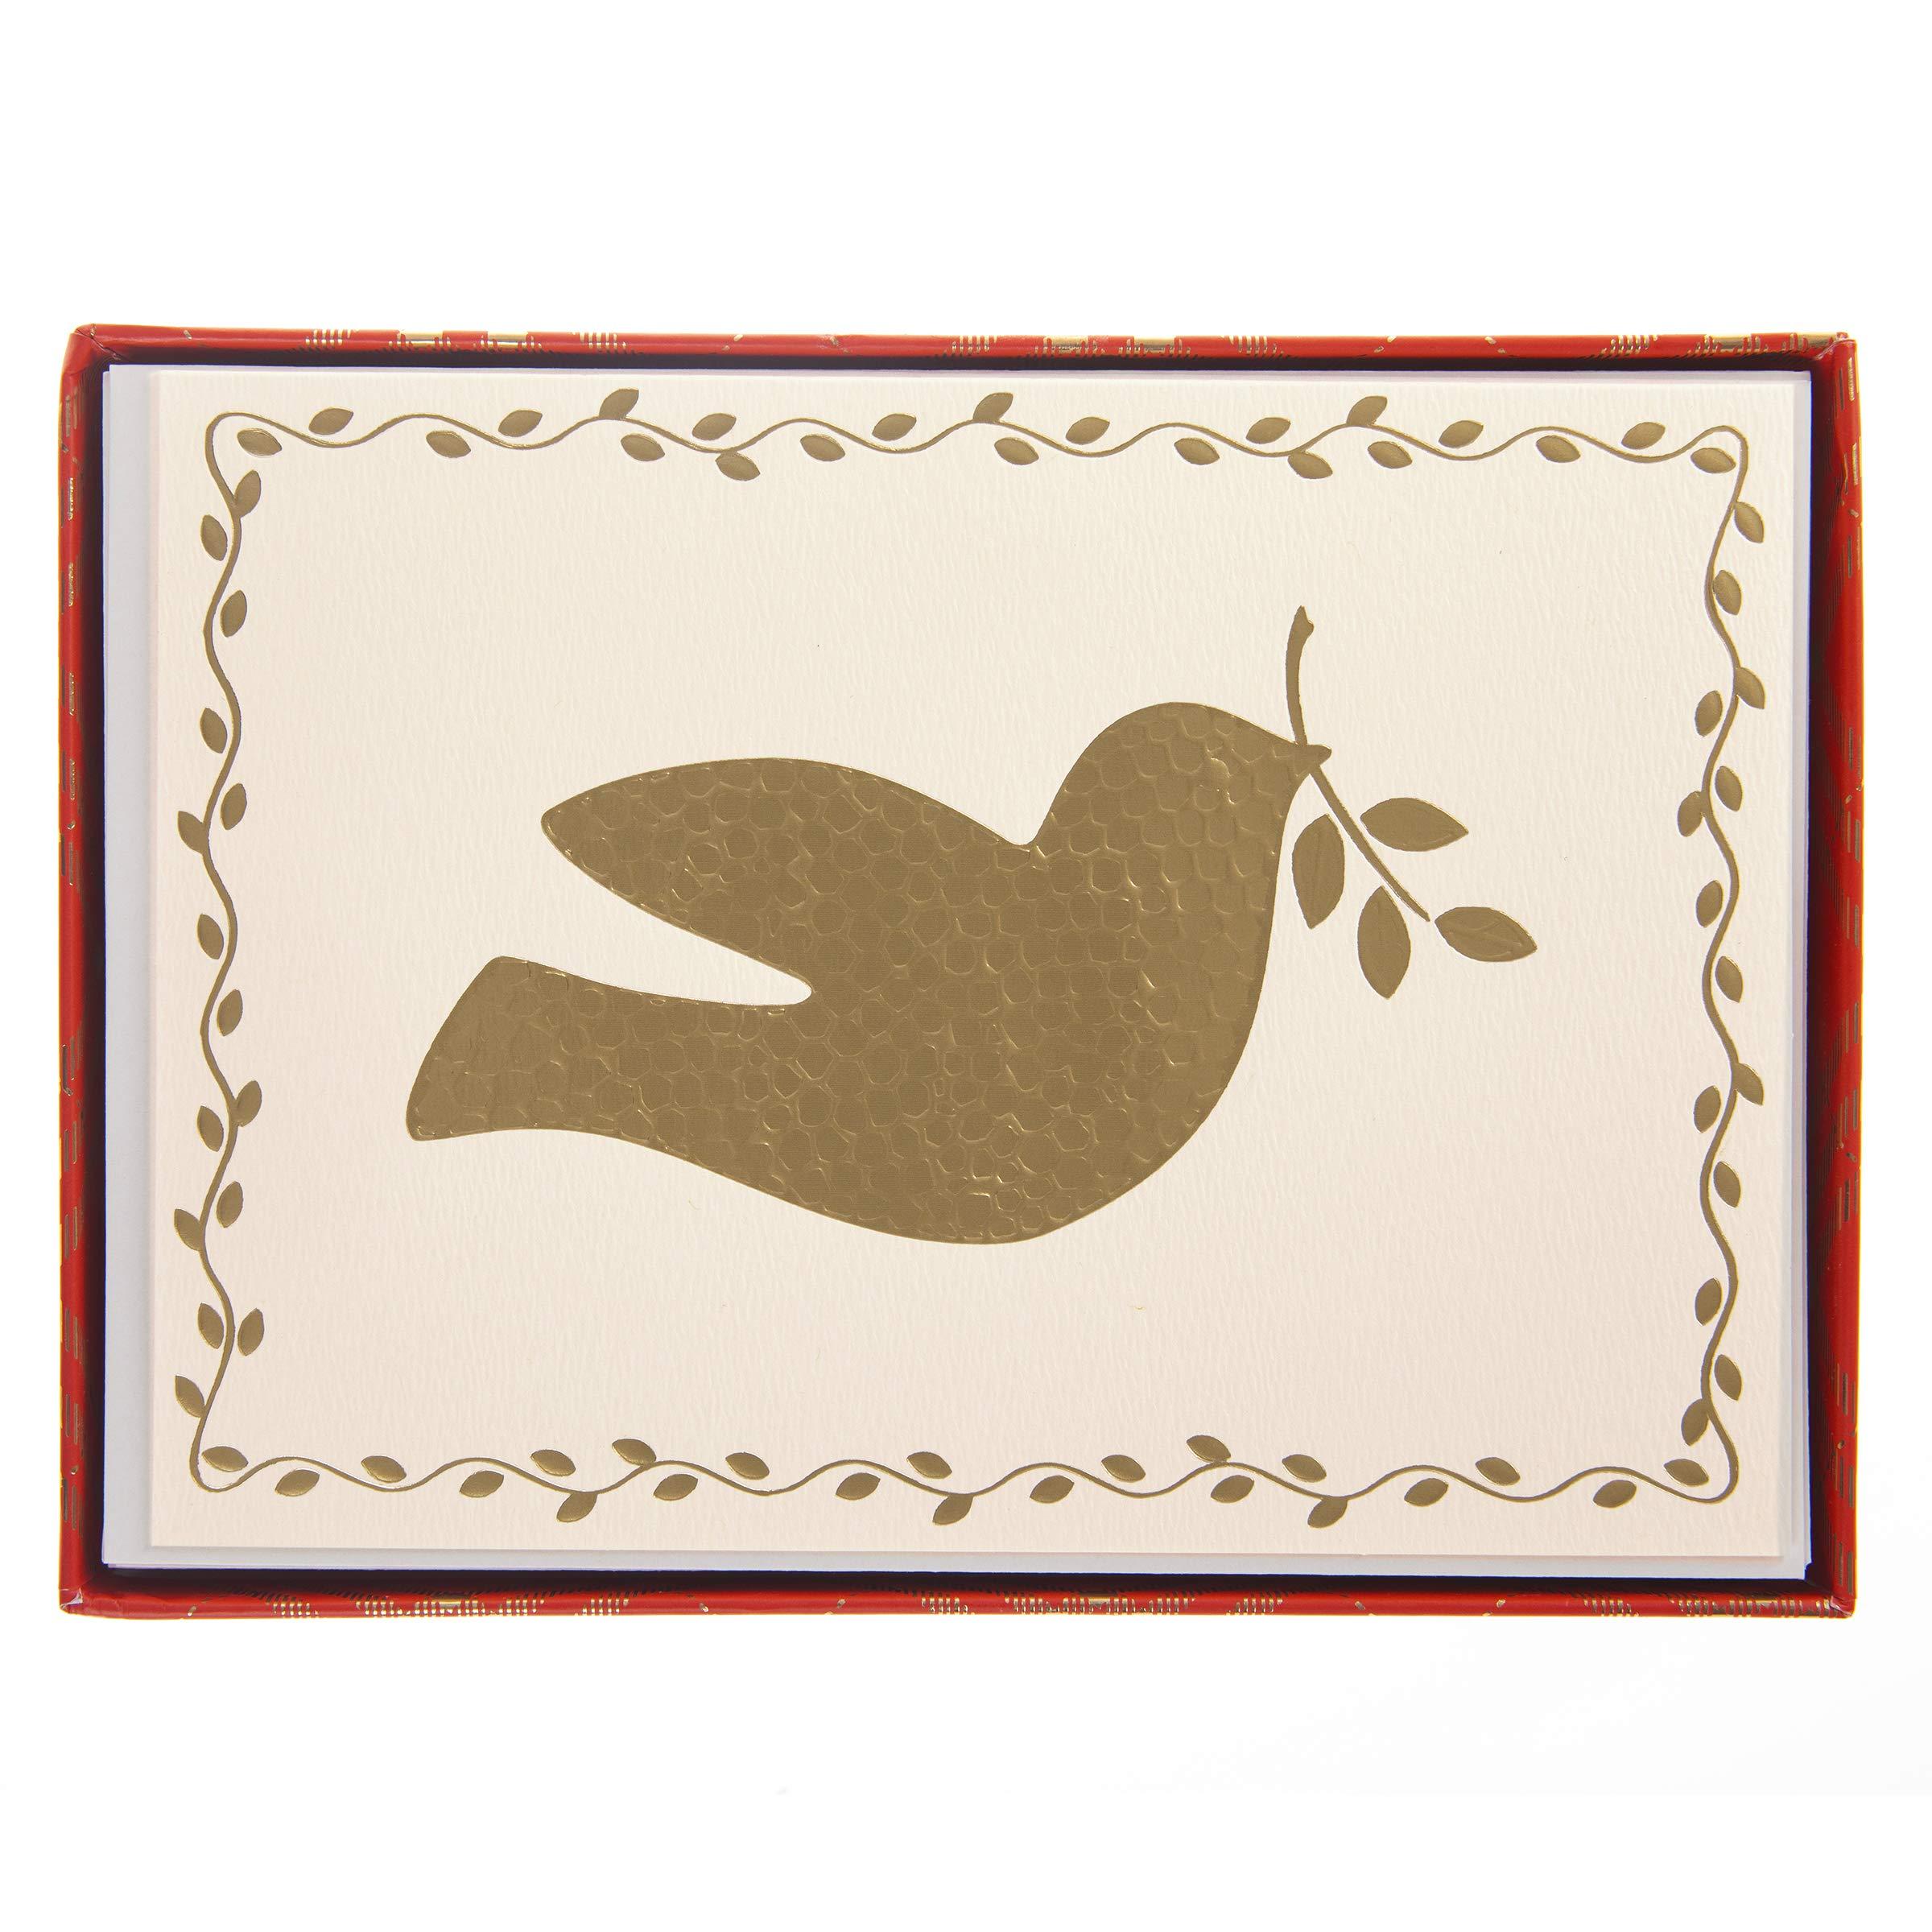 Christmas Nutcracker Box of 15 Graphique de France Christmas Cards